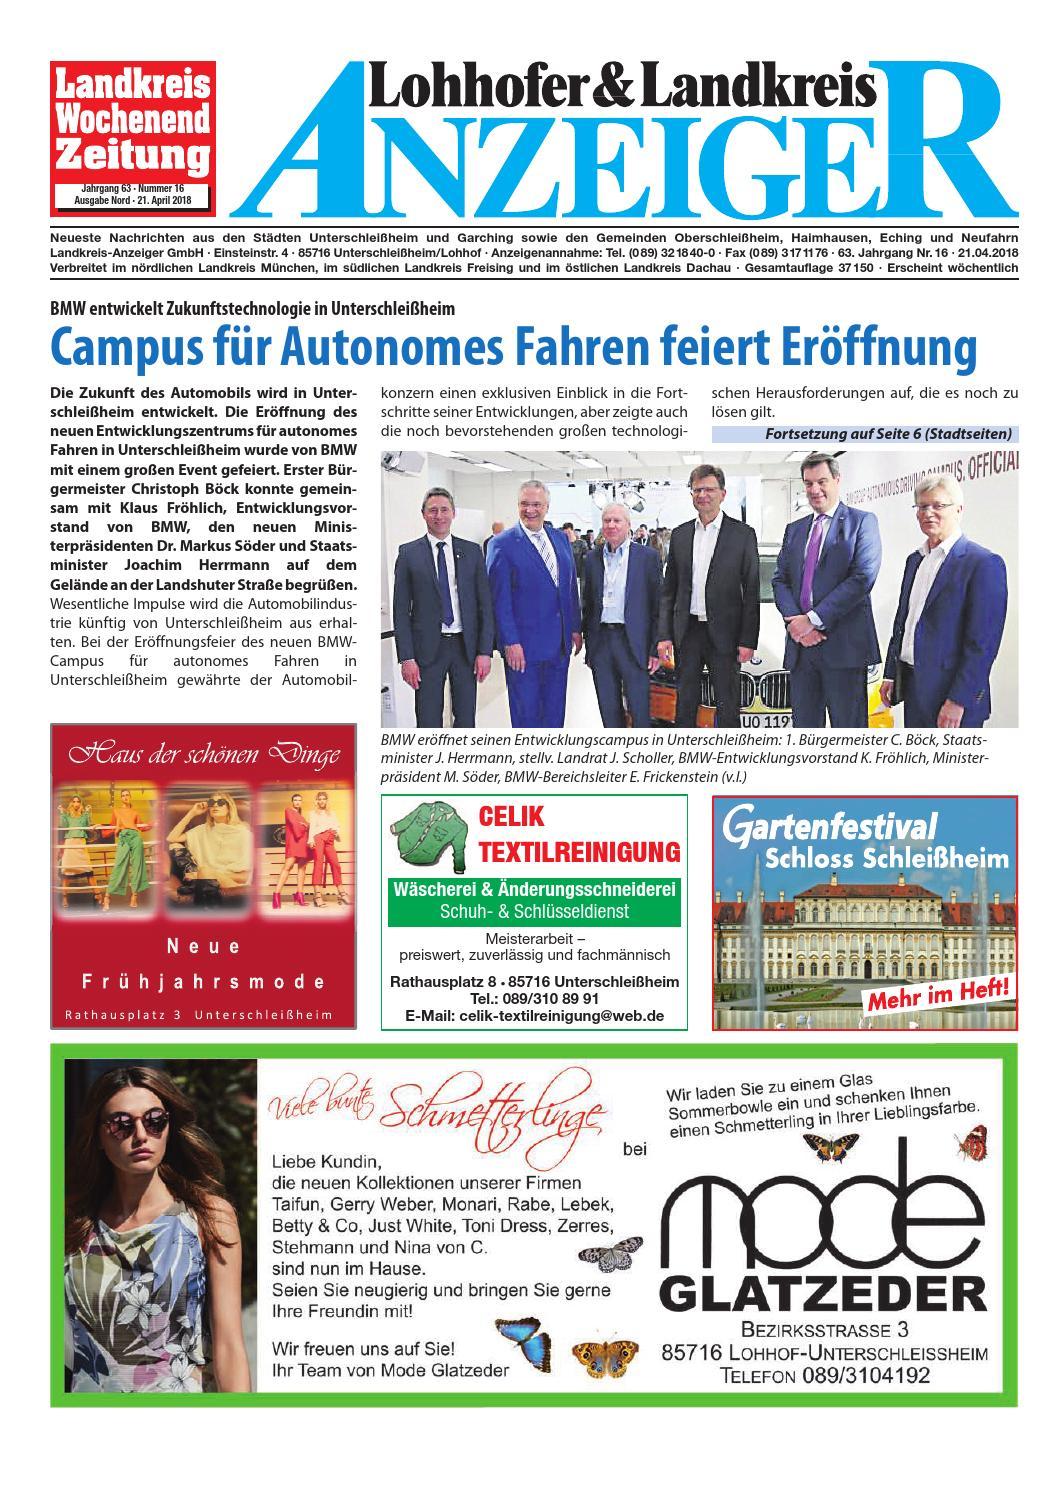 Berühmt Küchenhelfer Nach Hause Parteien Bilder - Ideen Für Die ...